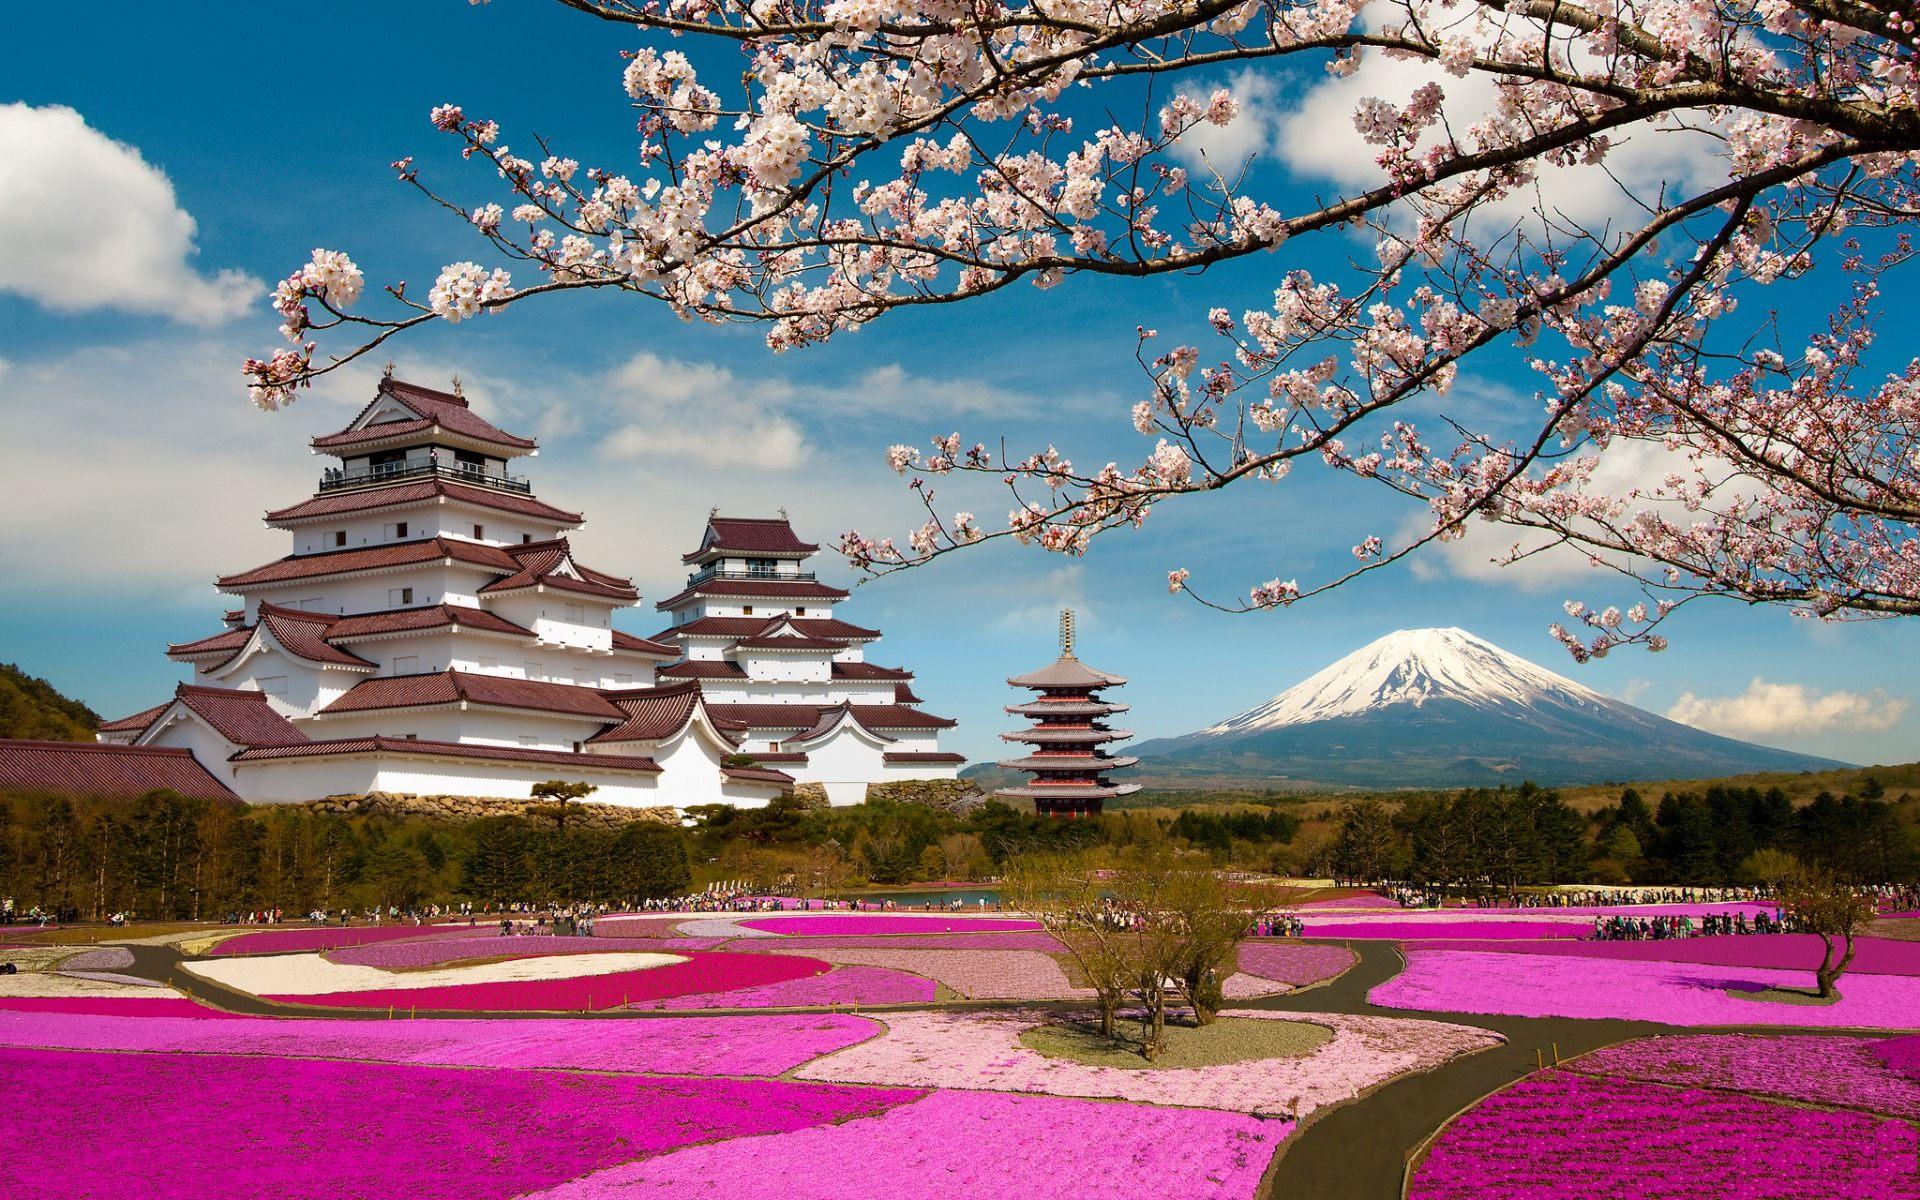 Mt Fuji Japan Scenery Wallpaper HD Download For Desktop